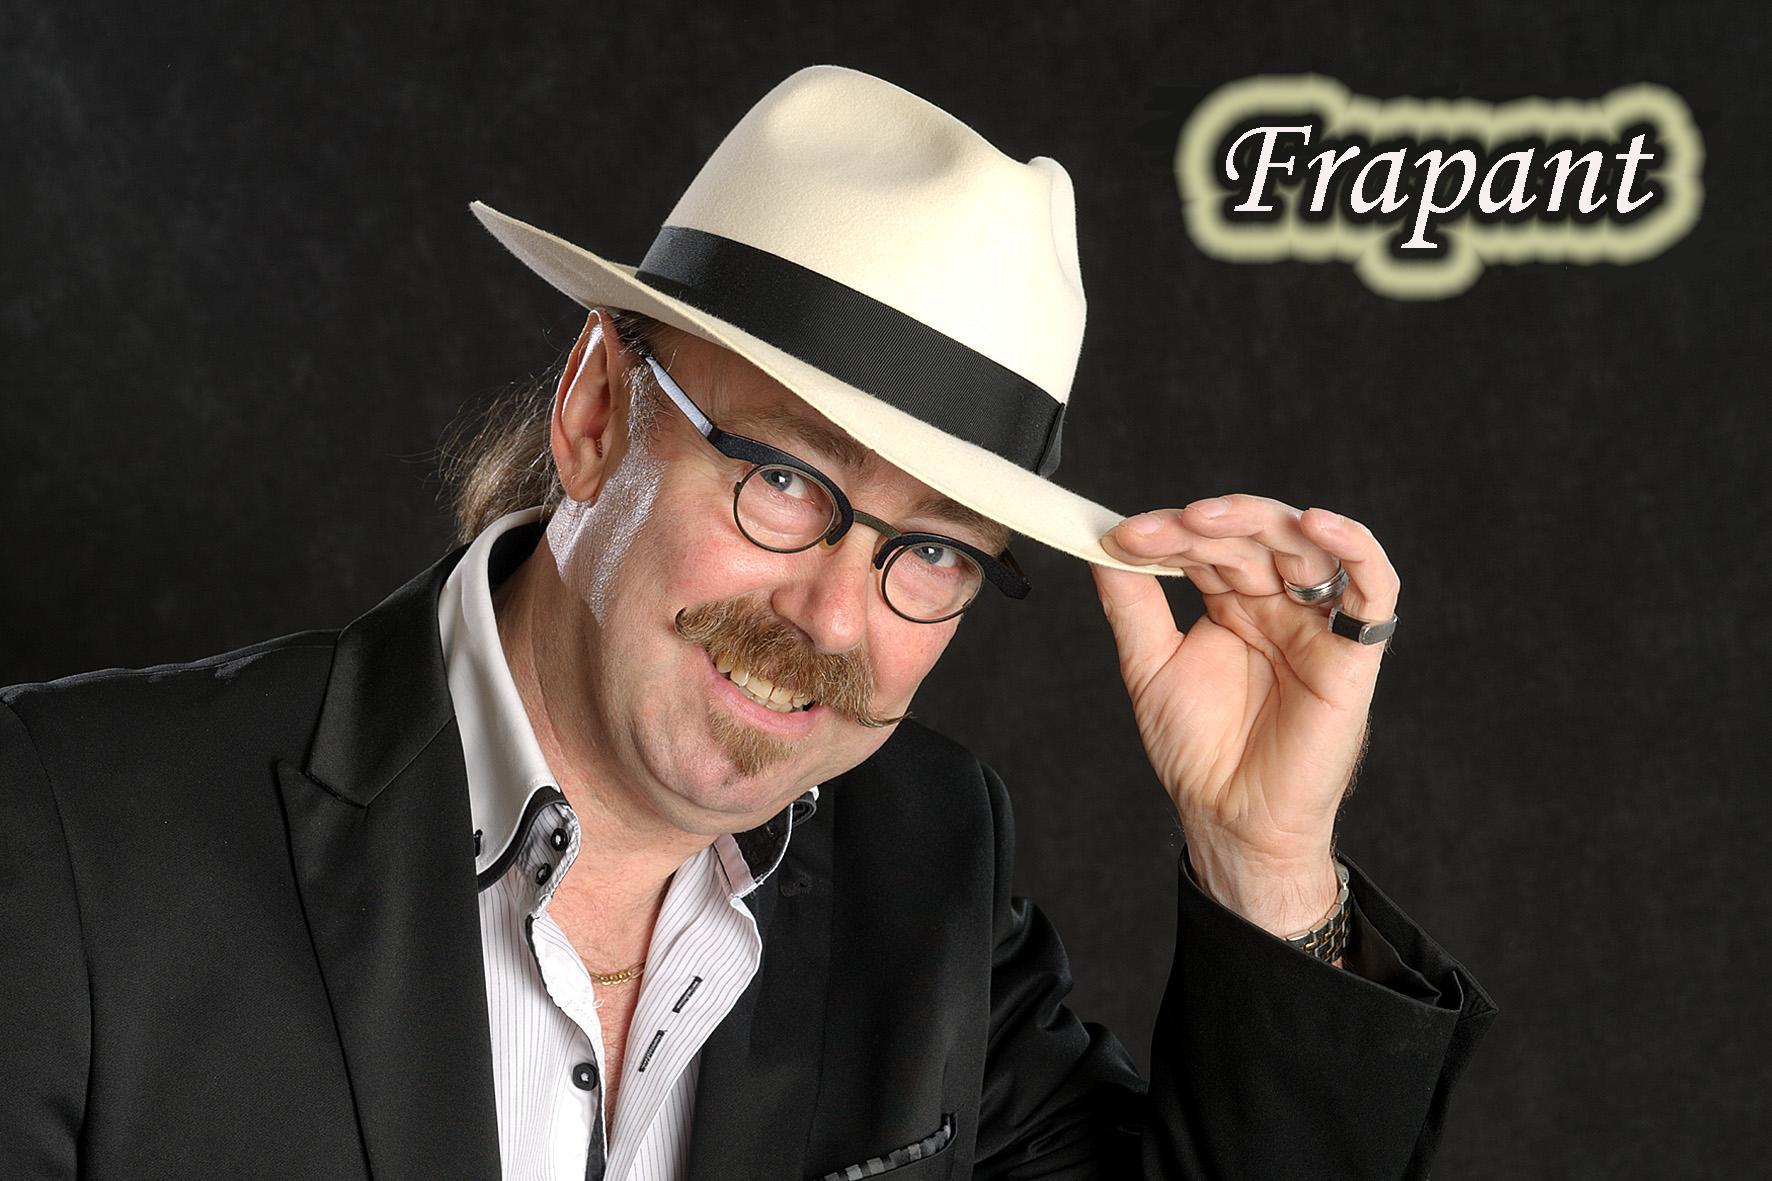 Dansnamiddag met Frapant 24 november